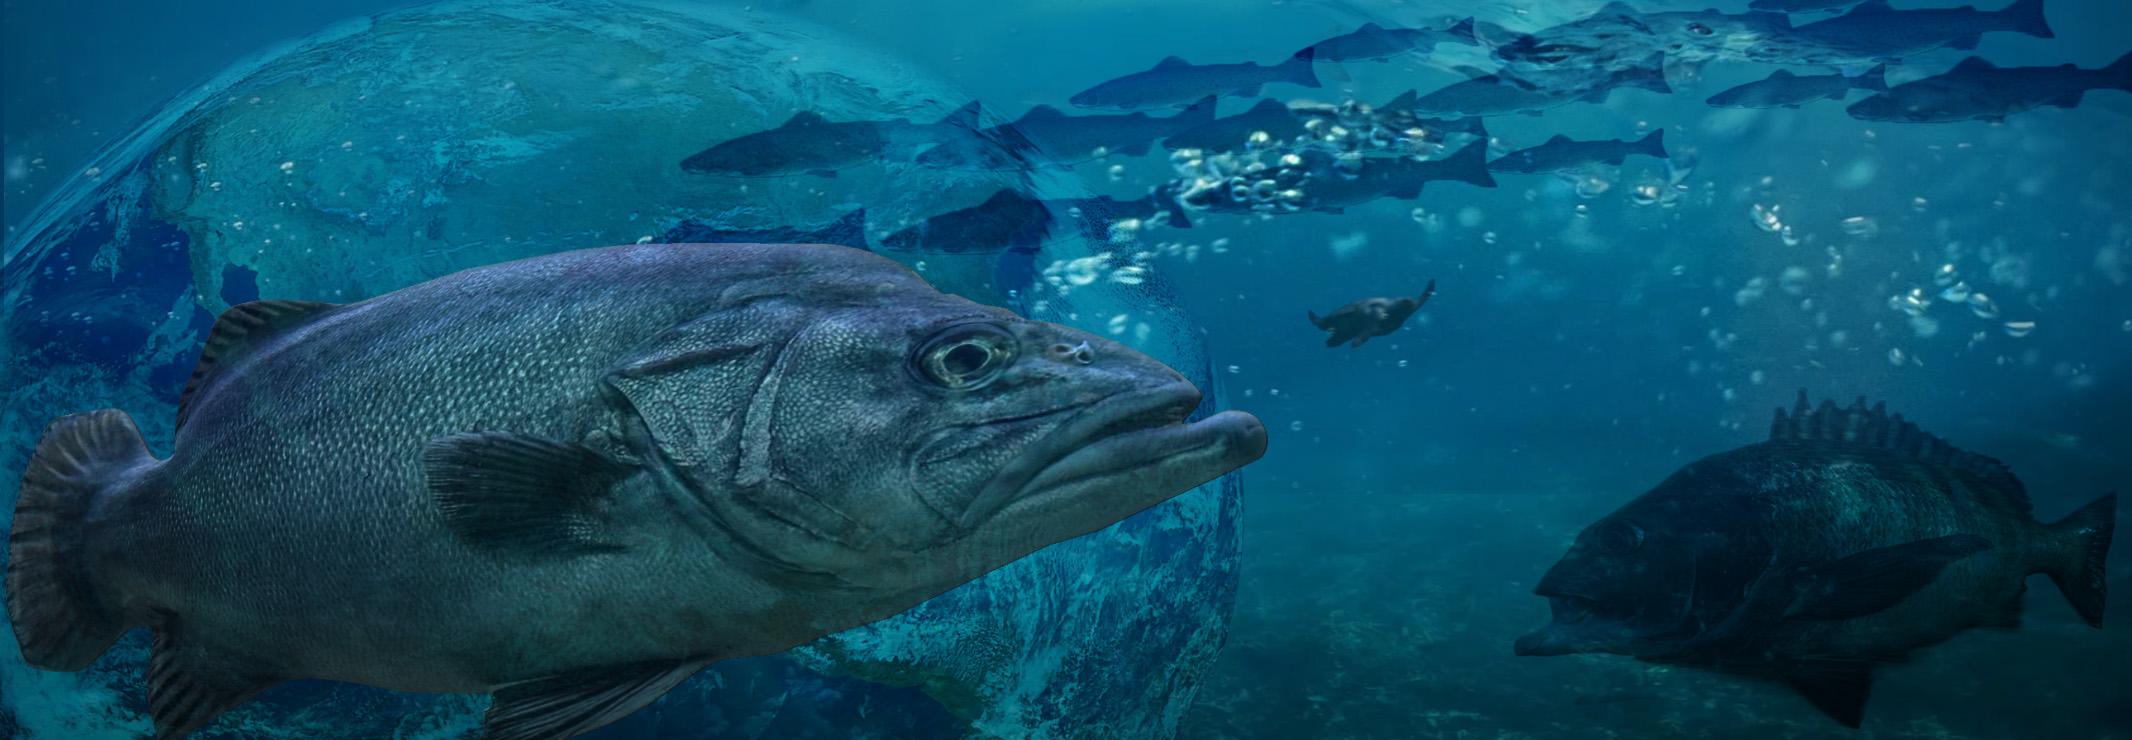 波止釣りでおすすめの水中カメラ1選